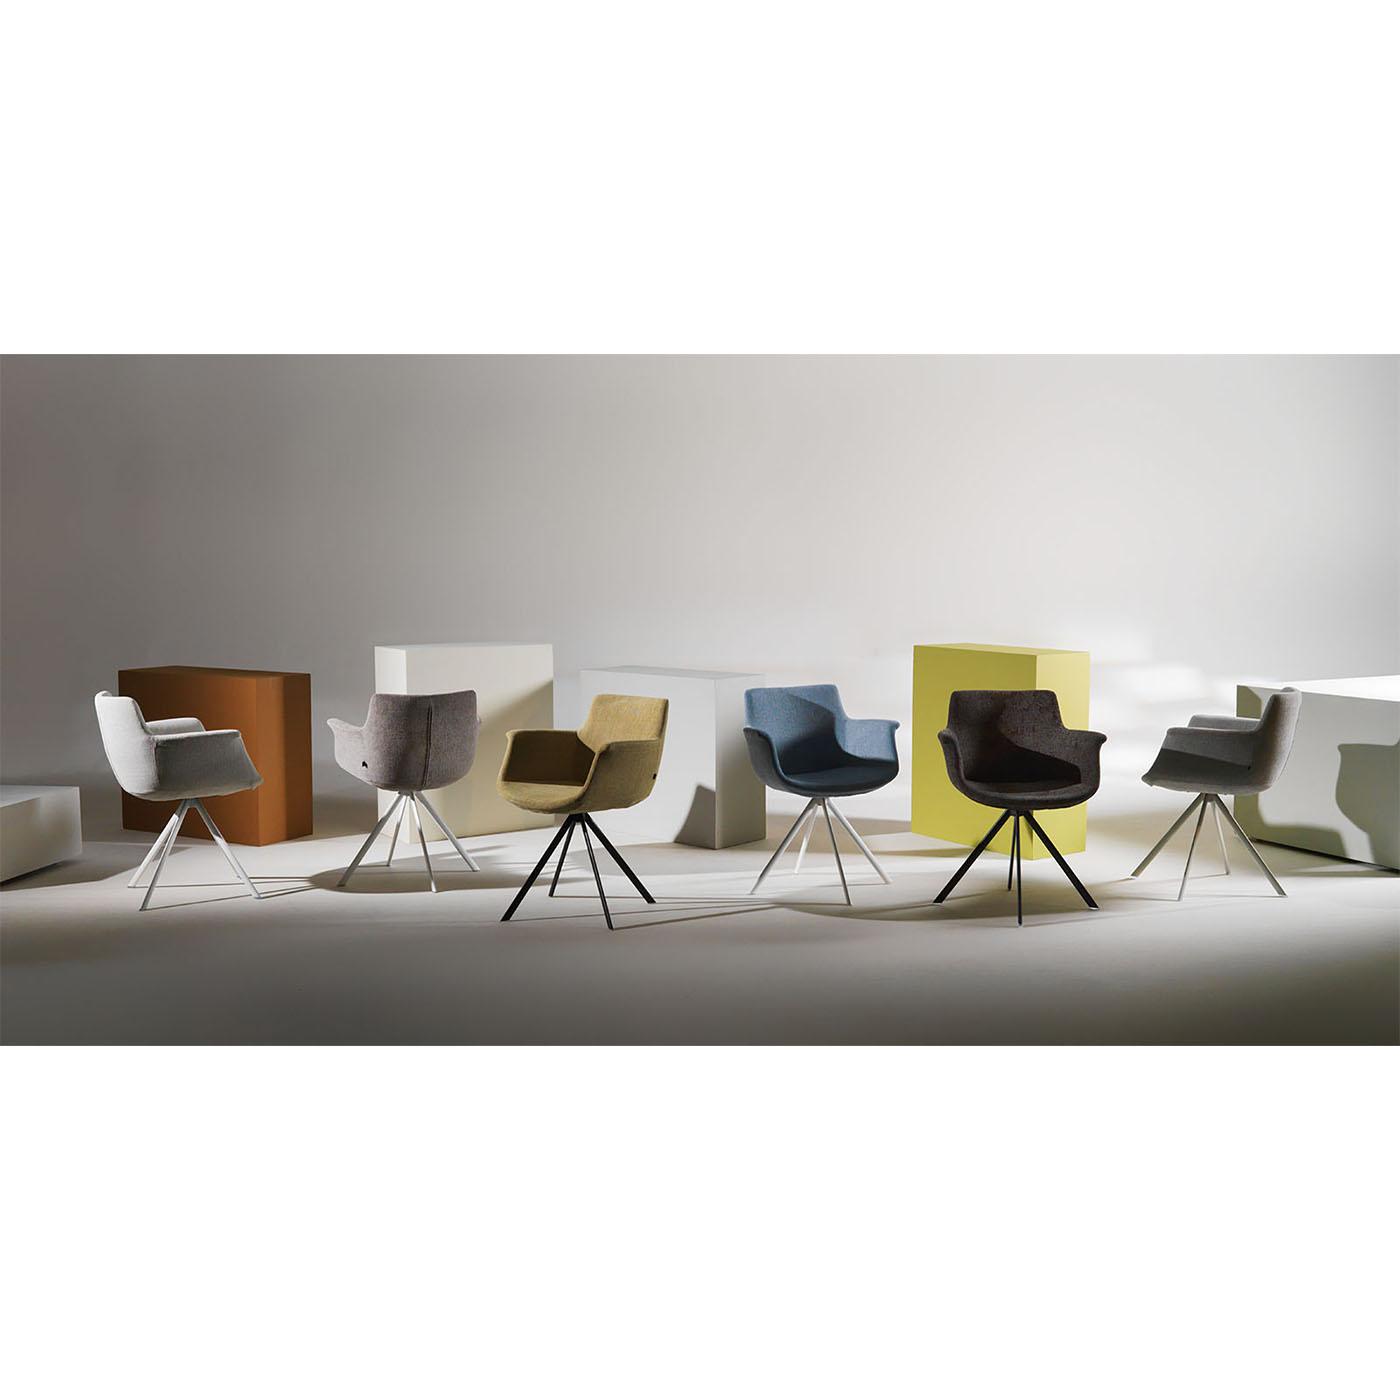 Ces chaises contemporaines de marque Joli possèdent des structures en métal.